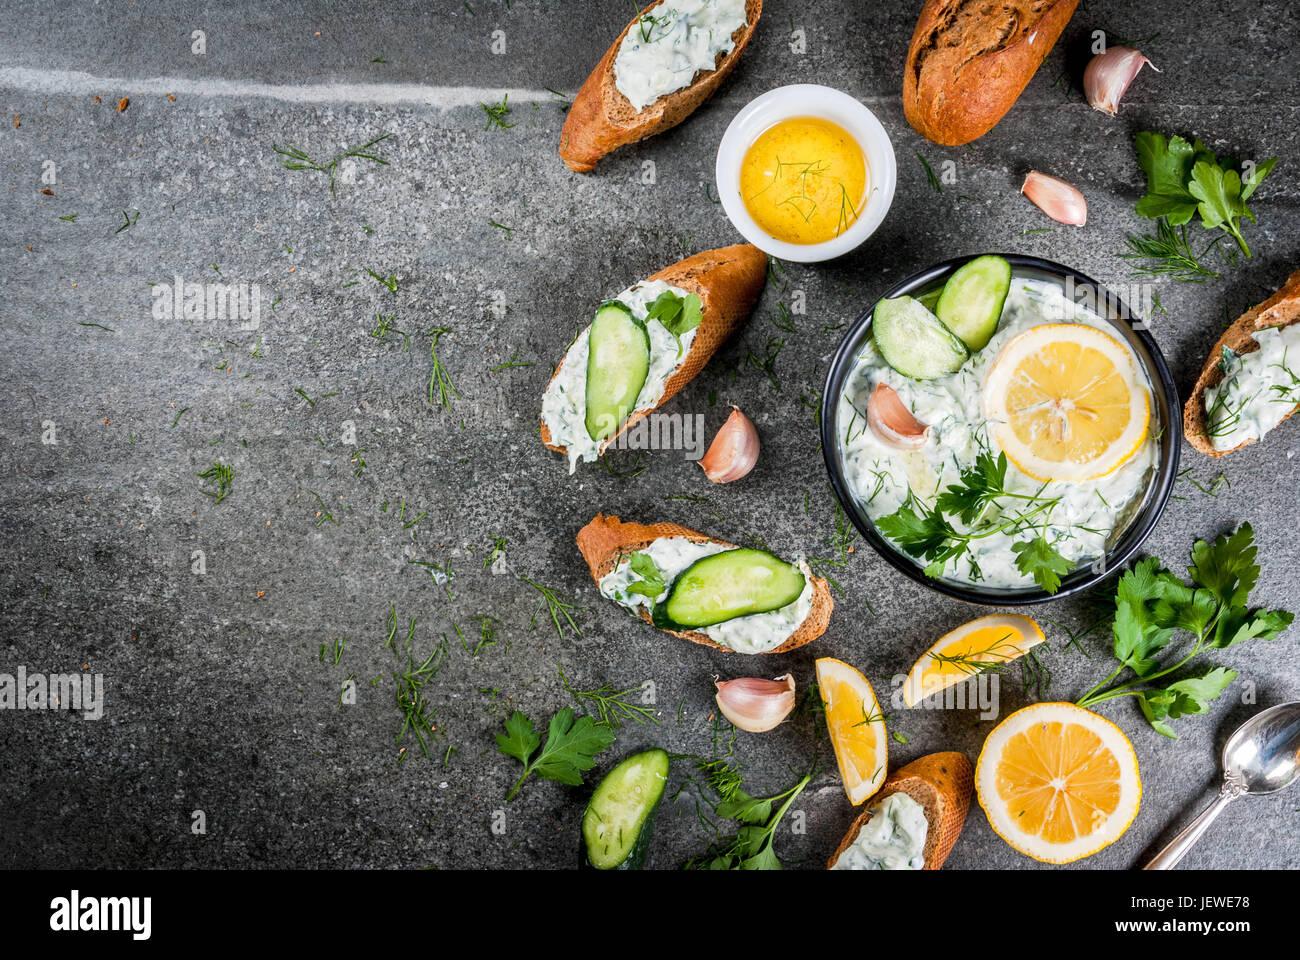 La cuisine grecque traditionnelle et du Caucase. Tzatziki sauce avec des ingrédients - concombre, citron, persil, Photo Stock